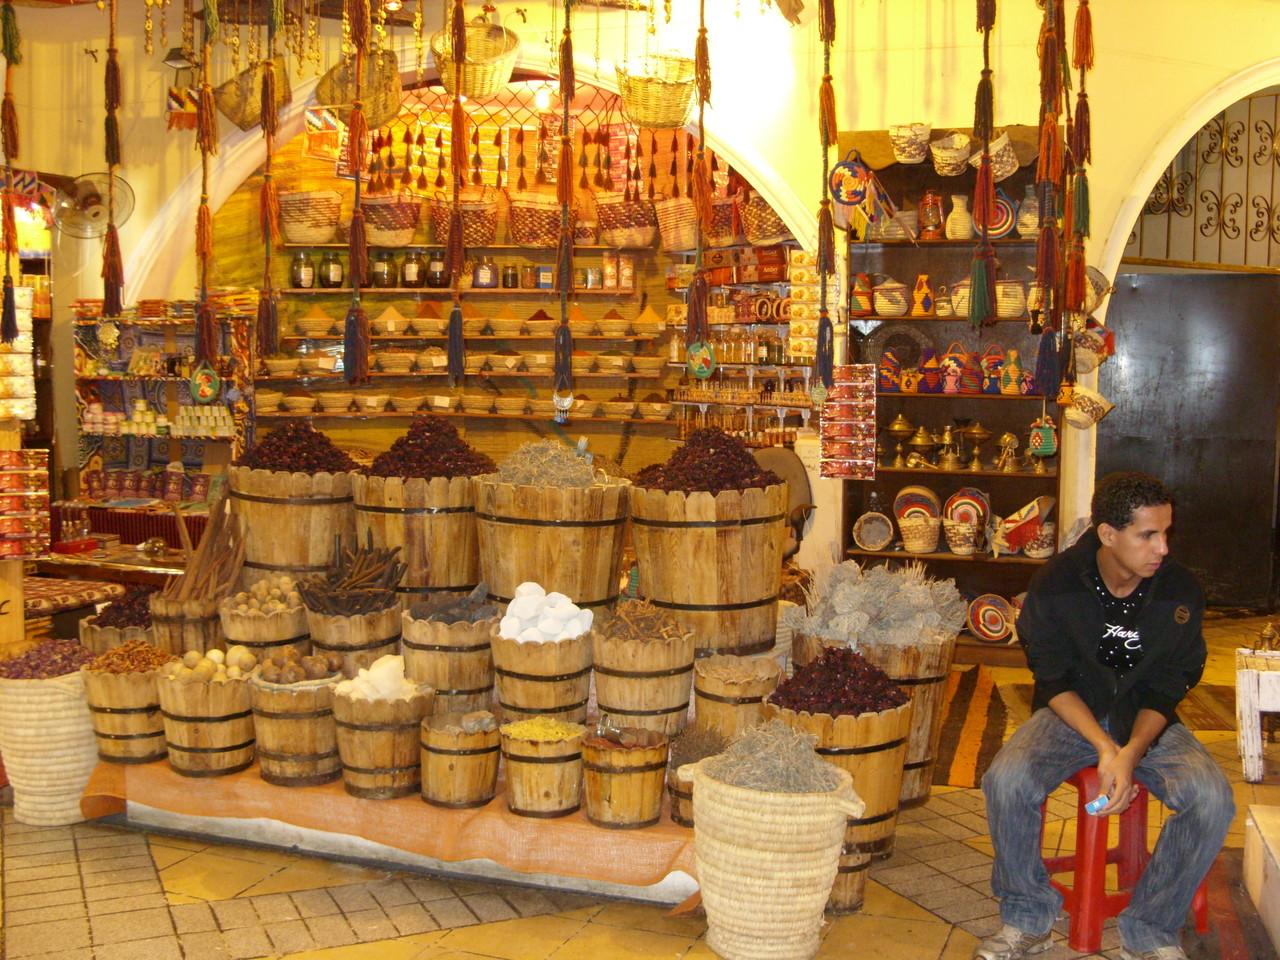 Kräuter und Parfume locken in die Einkaufscenter